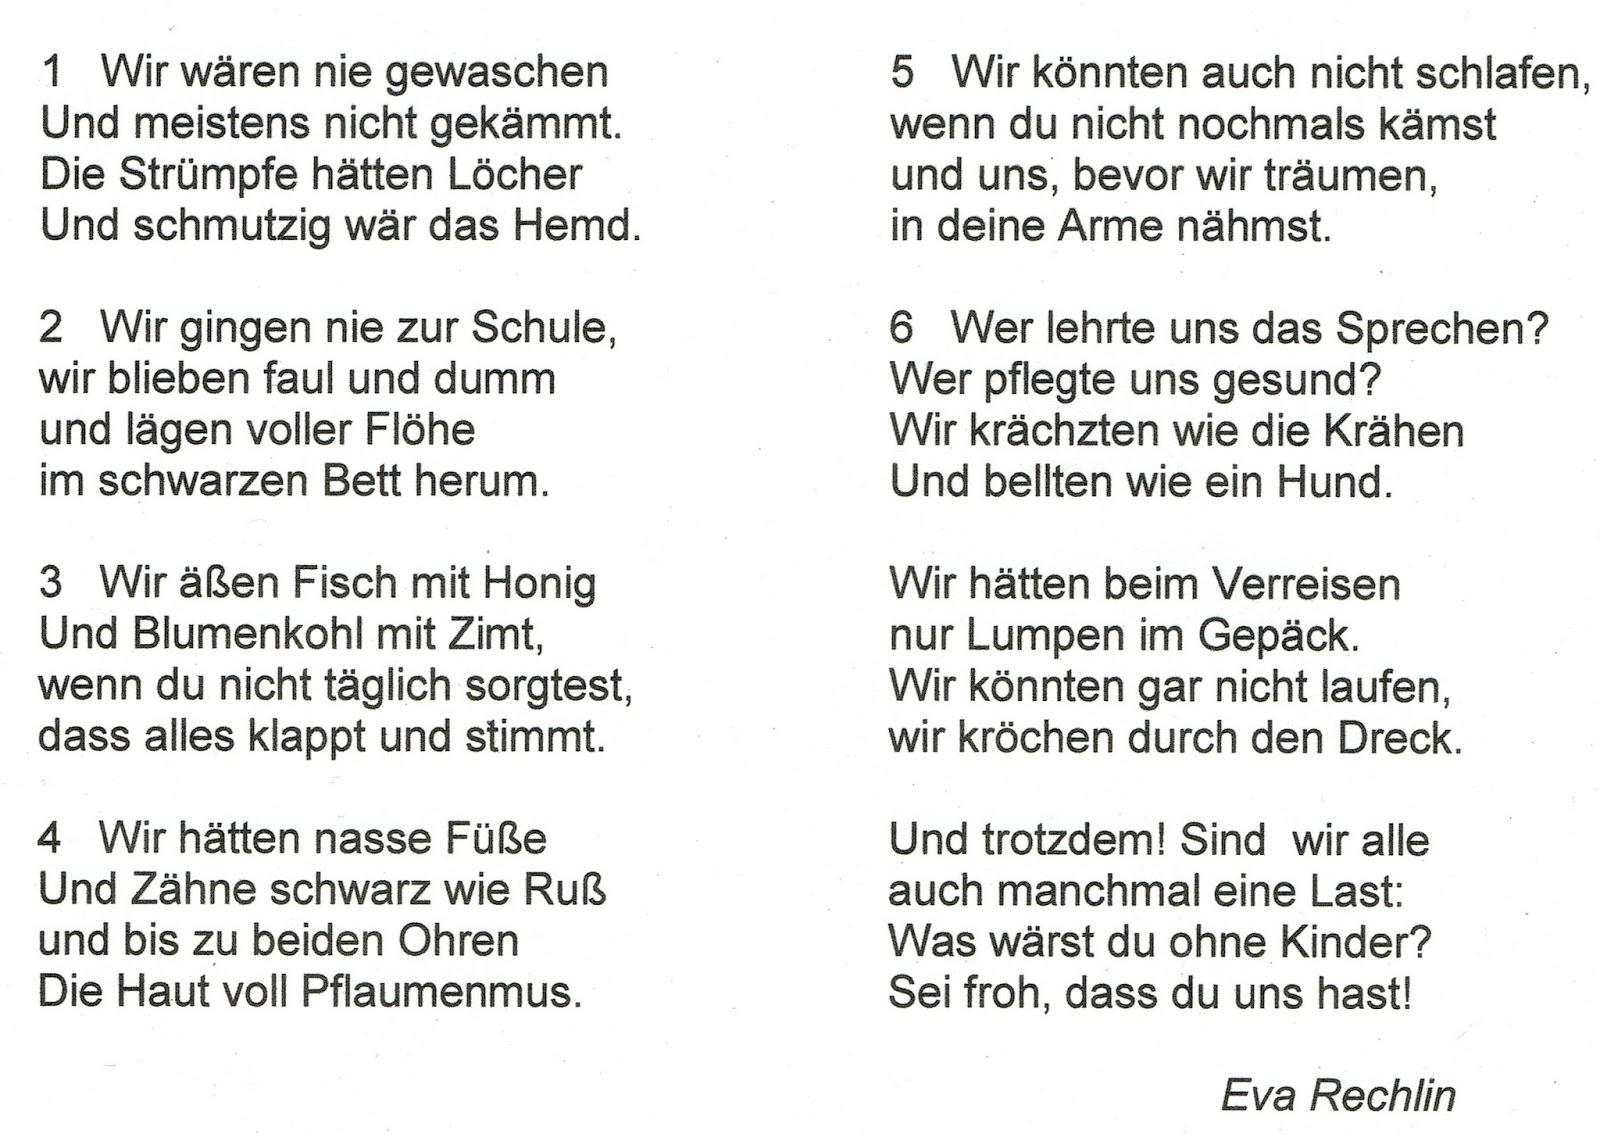 Gv Lichtenstein Zum Muttertag 2018 Dank An Die Mutter